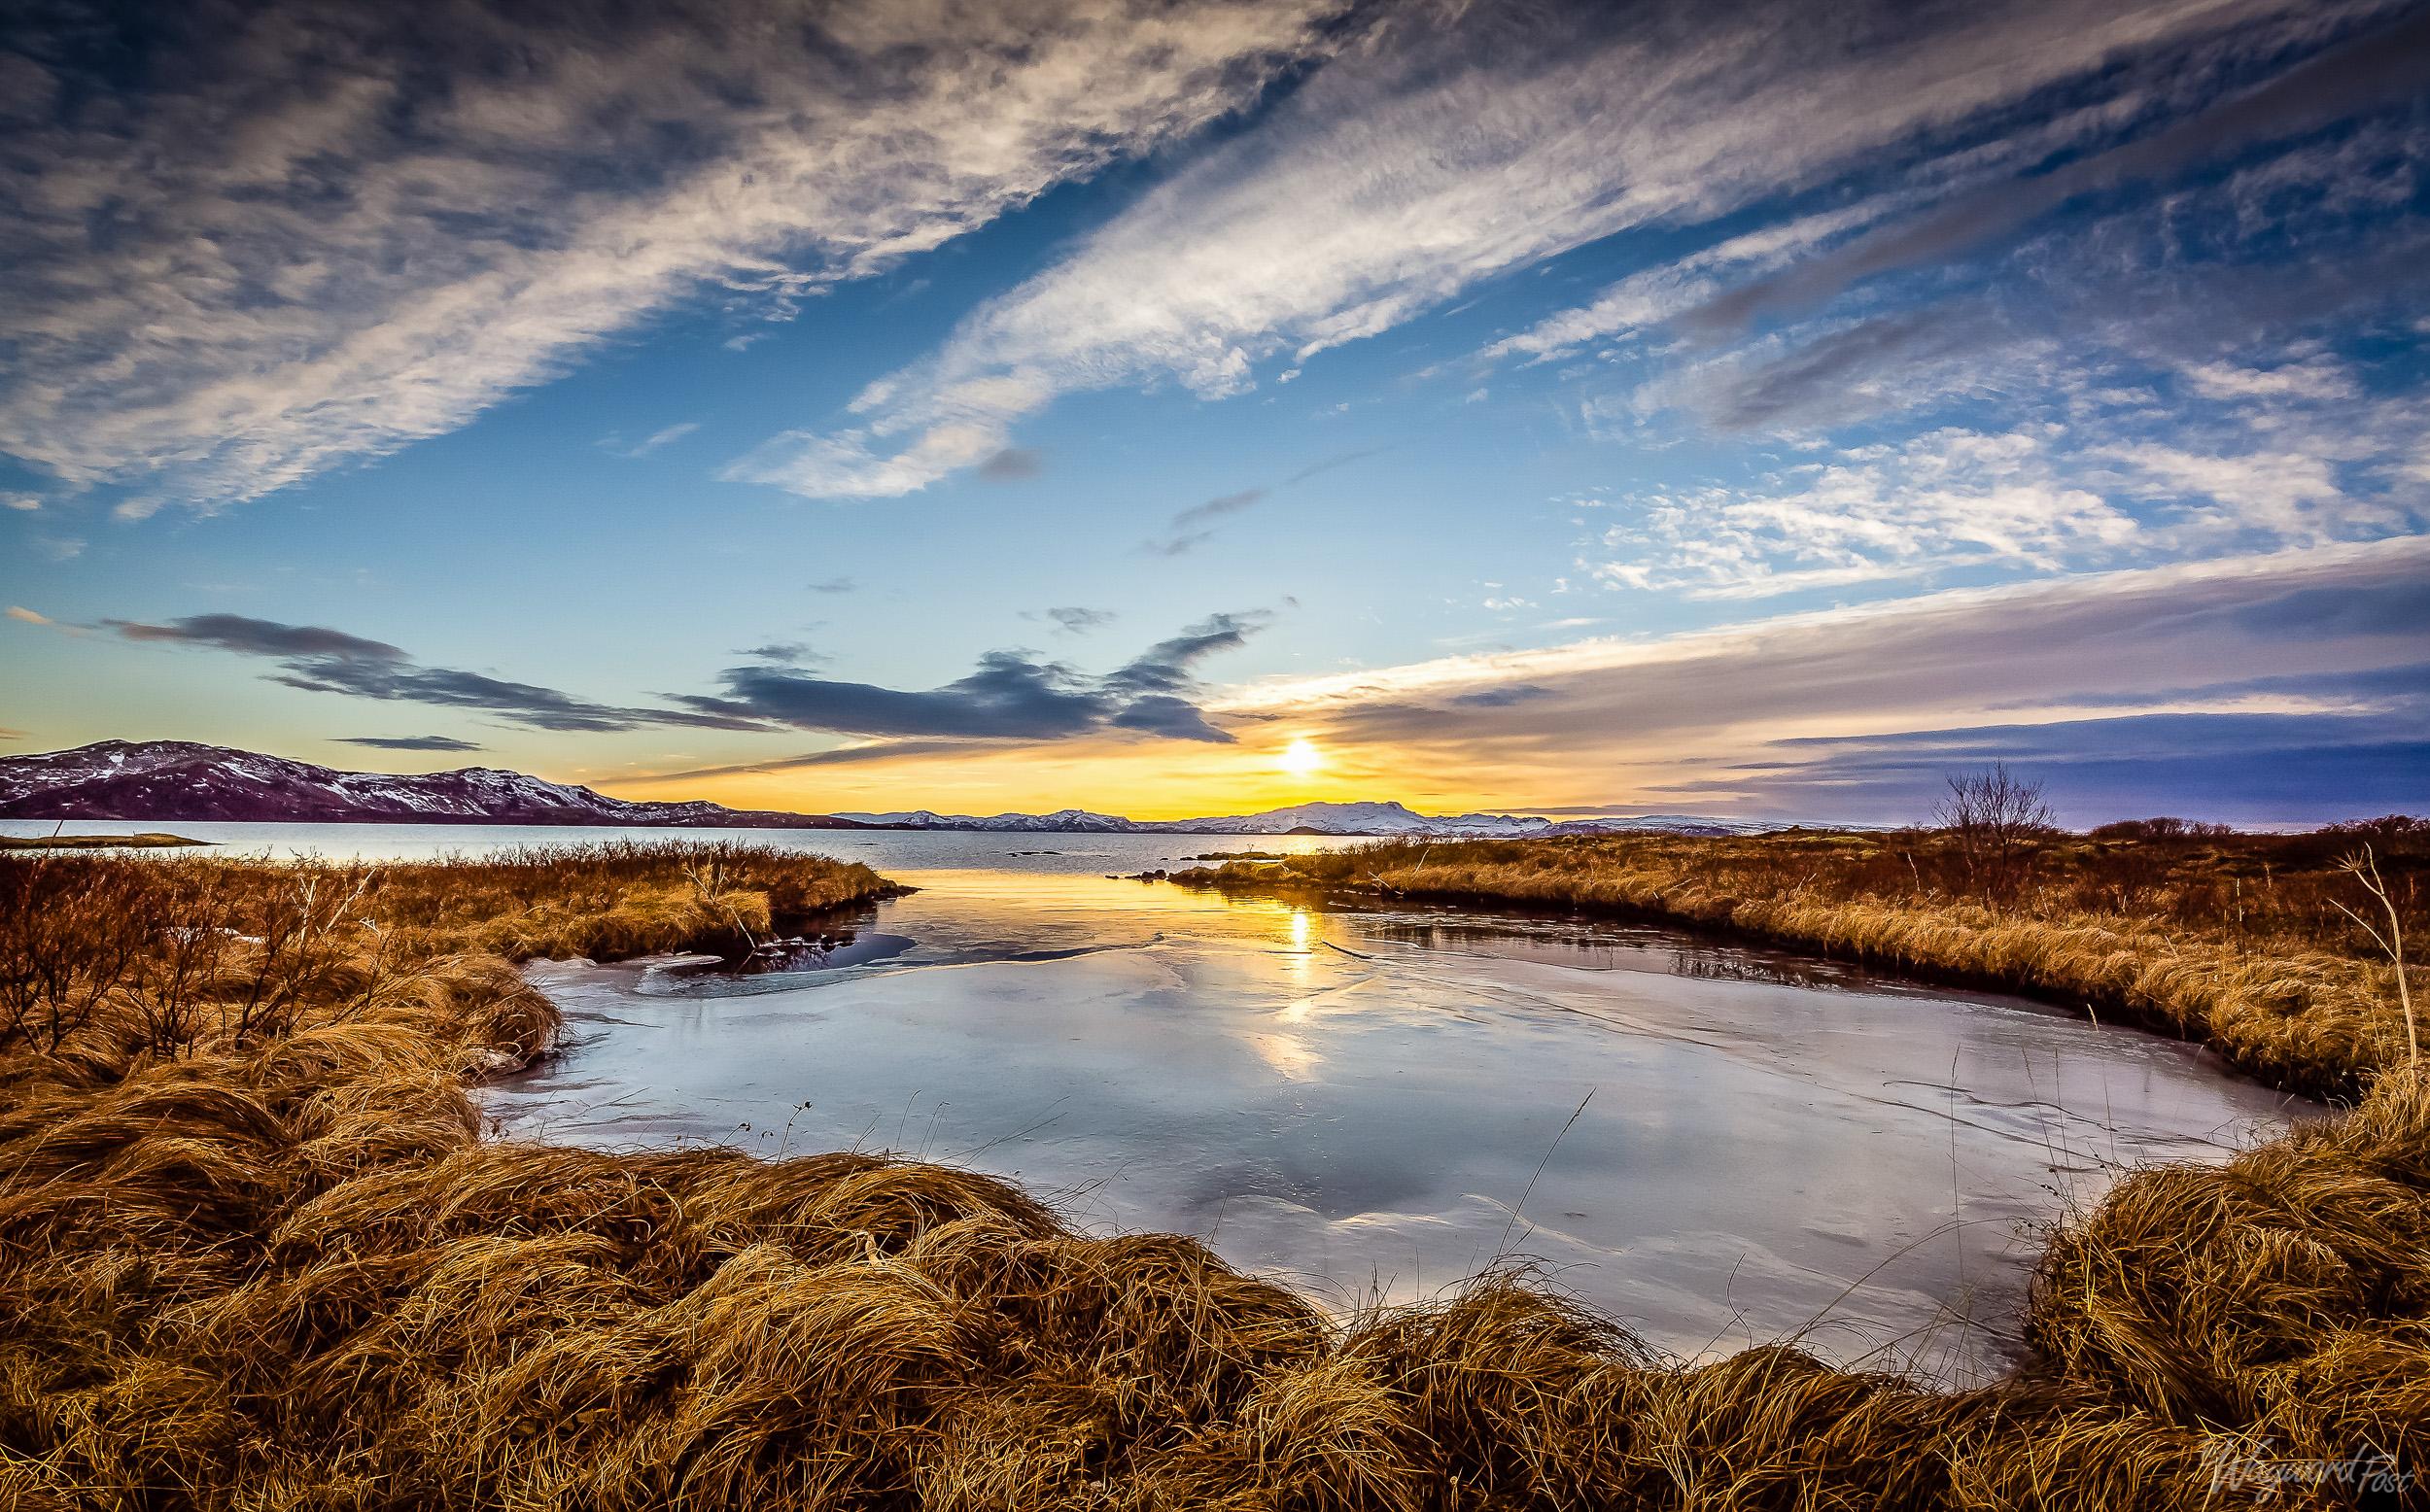 Thingvellir National Park, Iceland, Lake, Ice, Sunset, Mountains, The Waywardpost